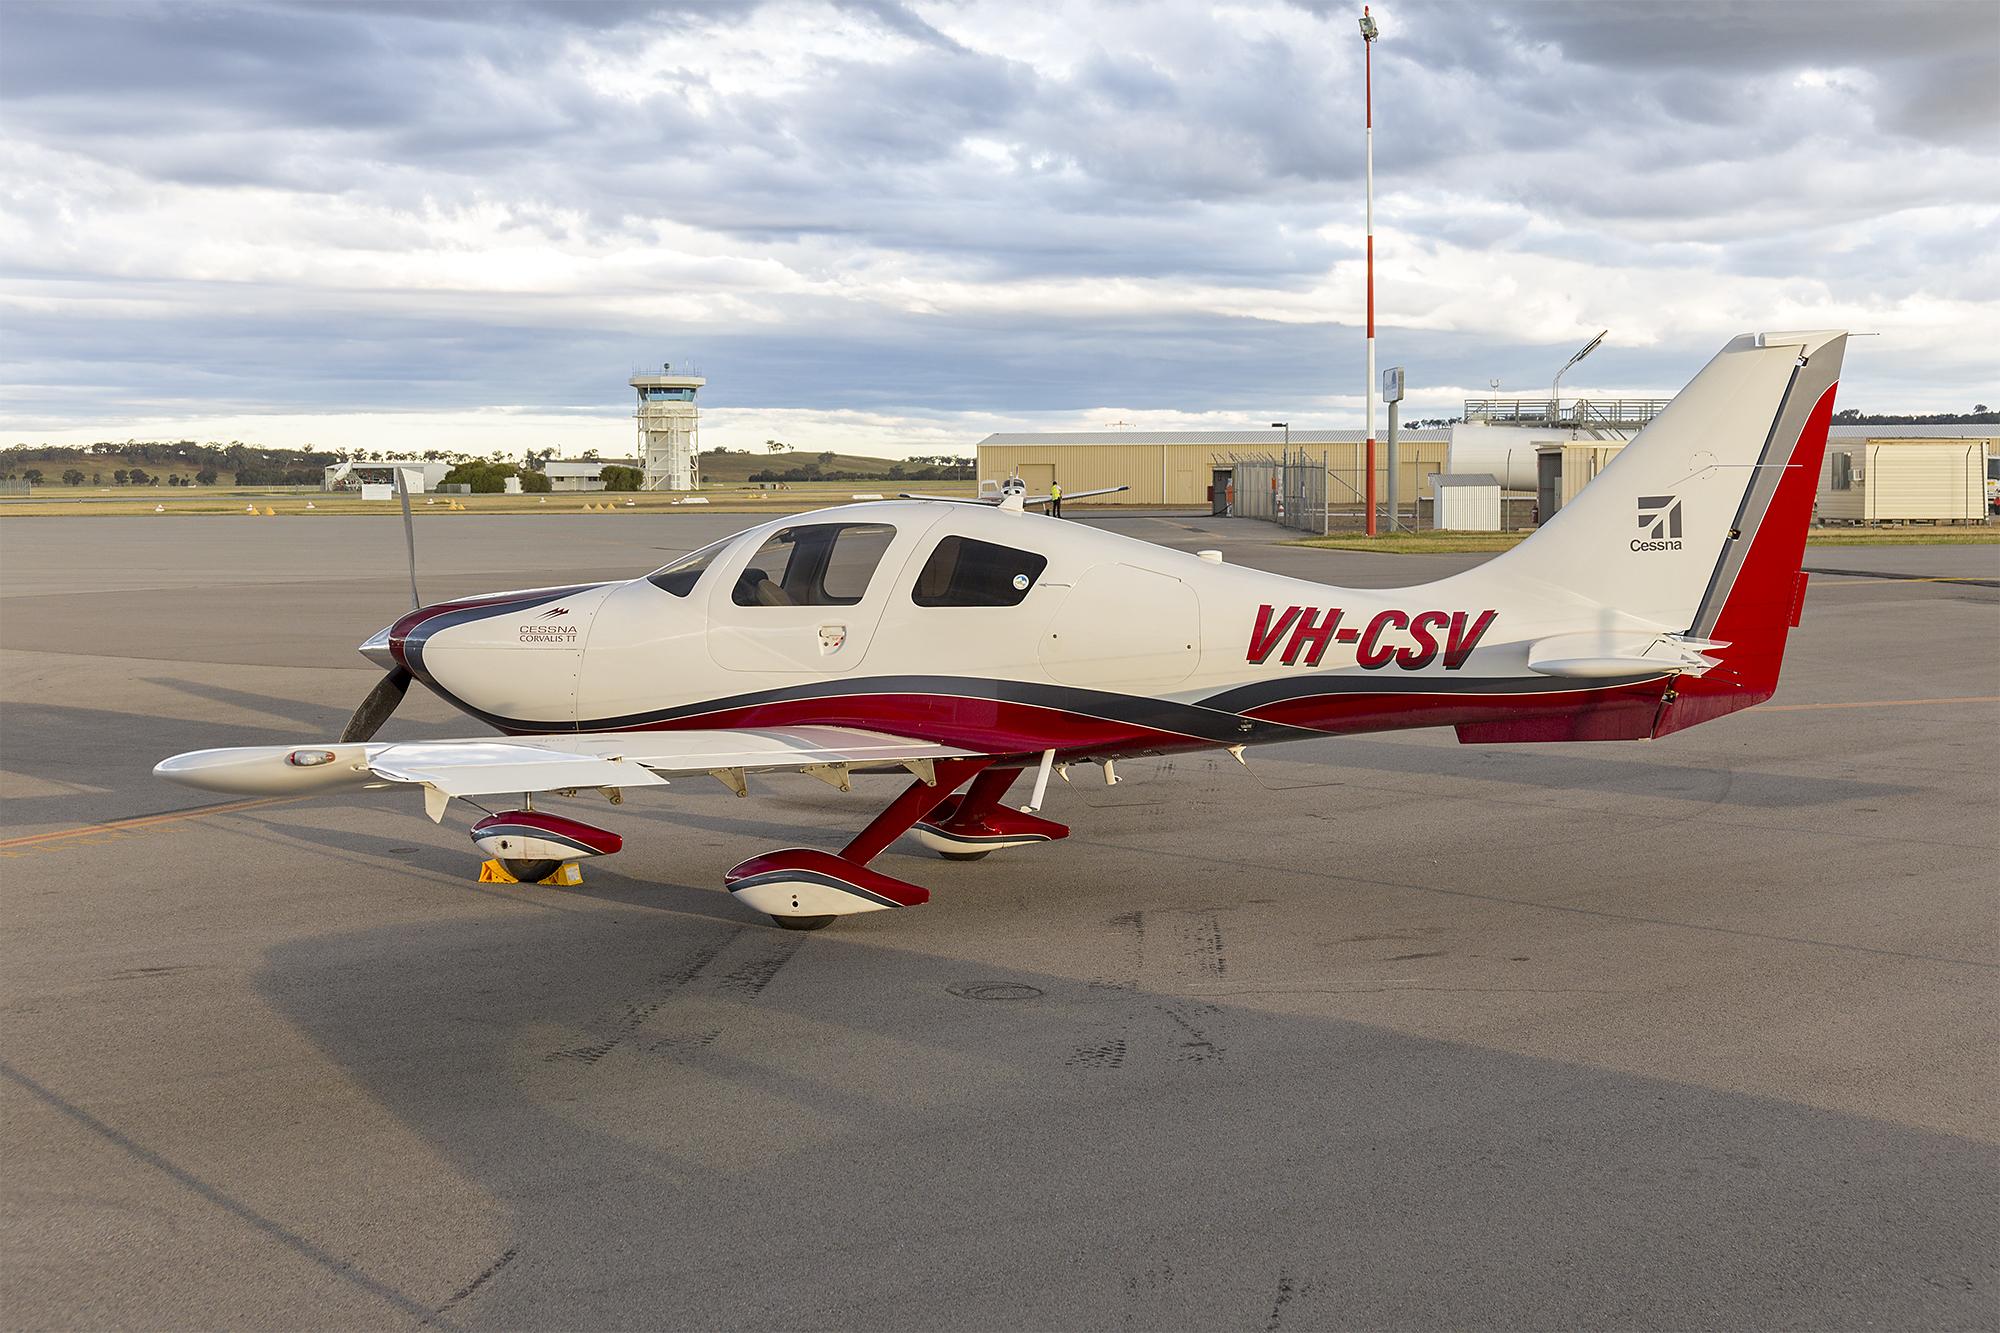 File:Cessna 400 Corvalis TT (VH-CSV) at Wagga Wagga Airport